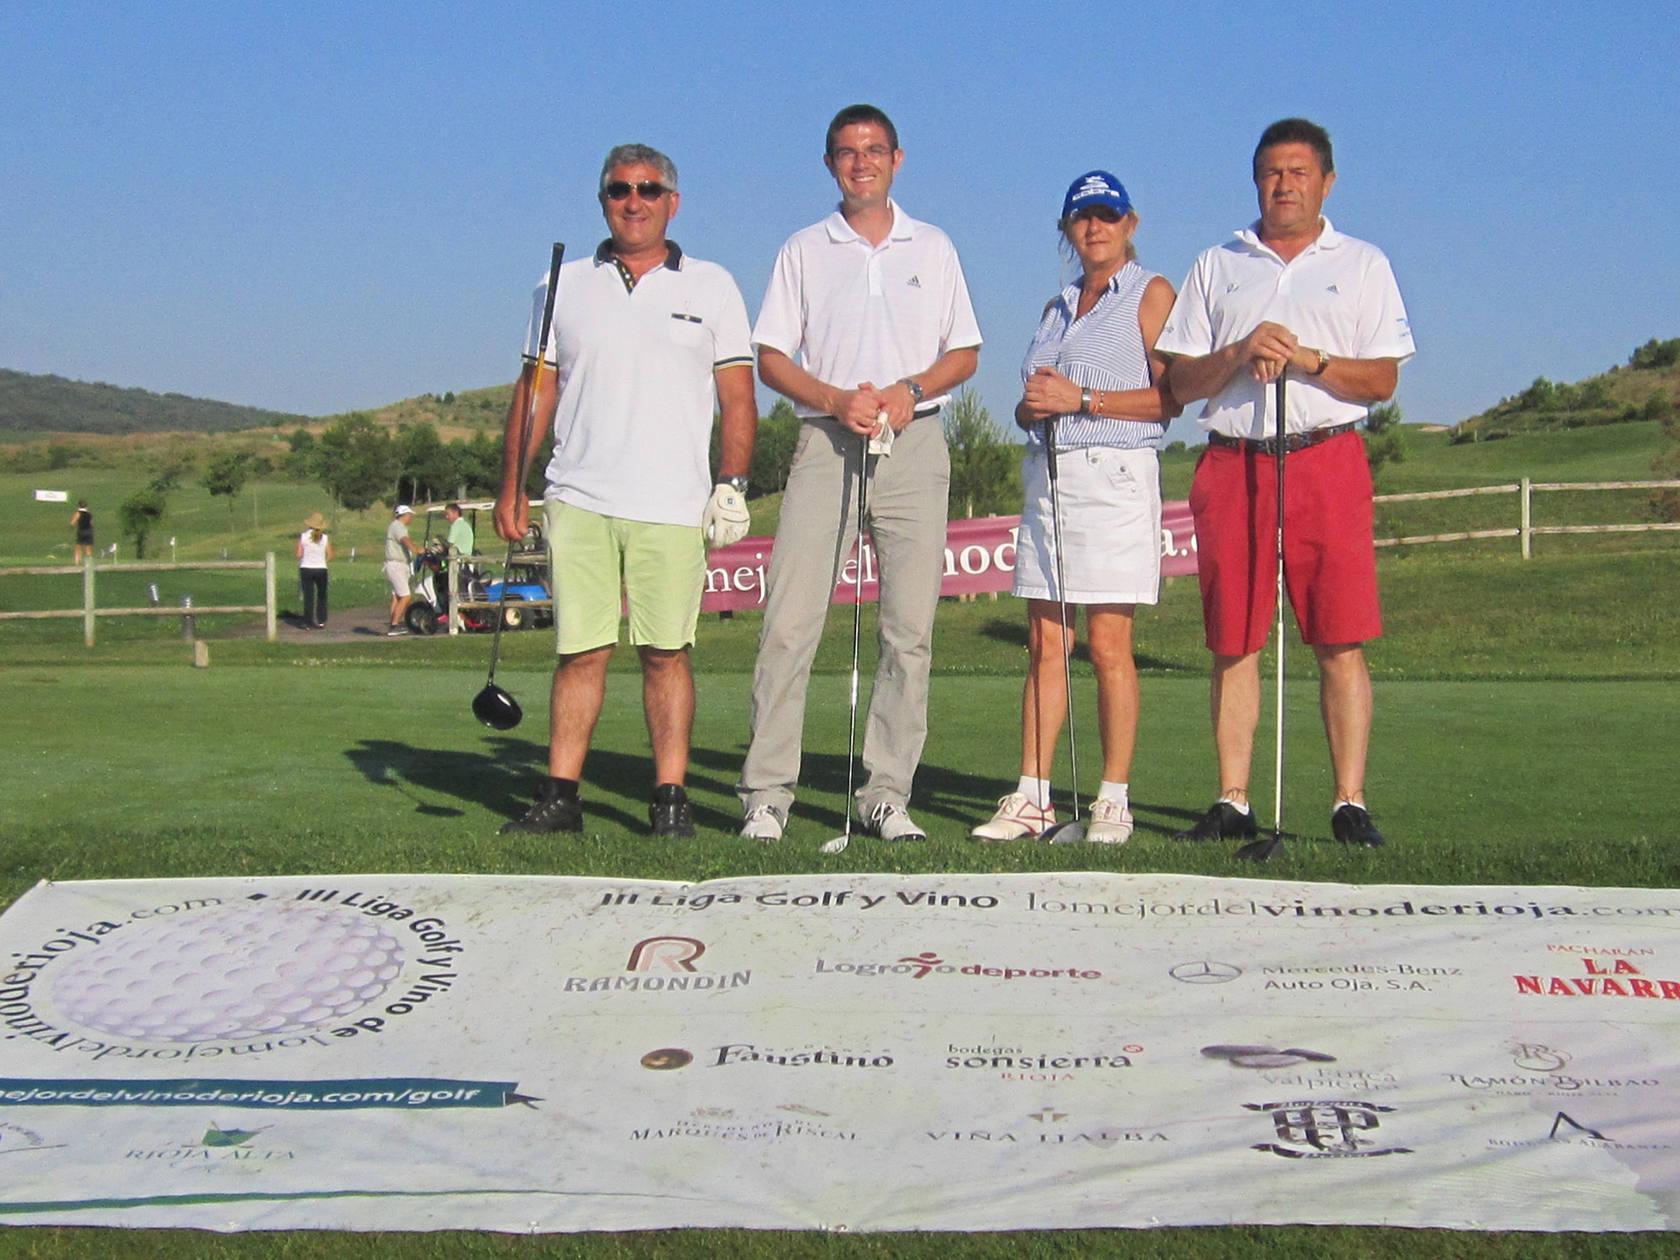 III Liga de Golf y Vino: torneo de los patrocinadores (Salida)